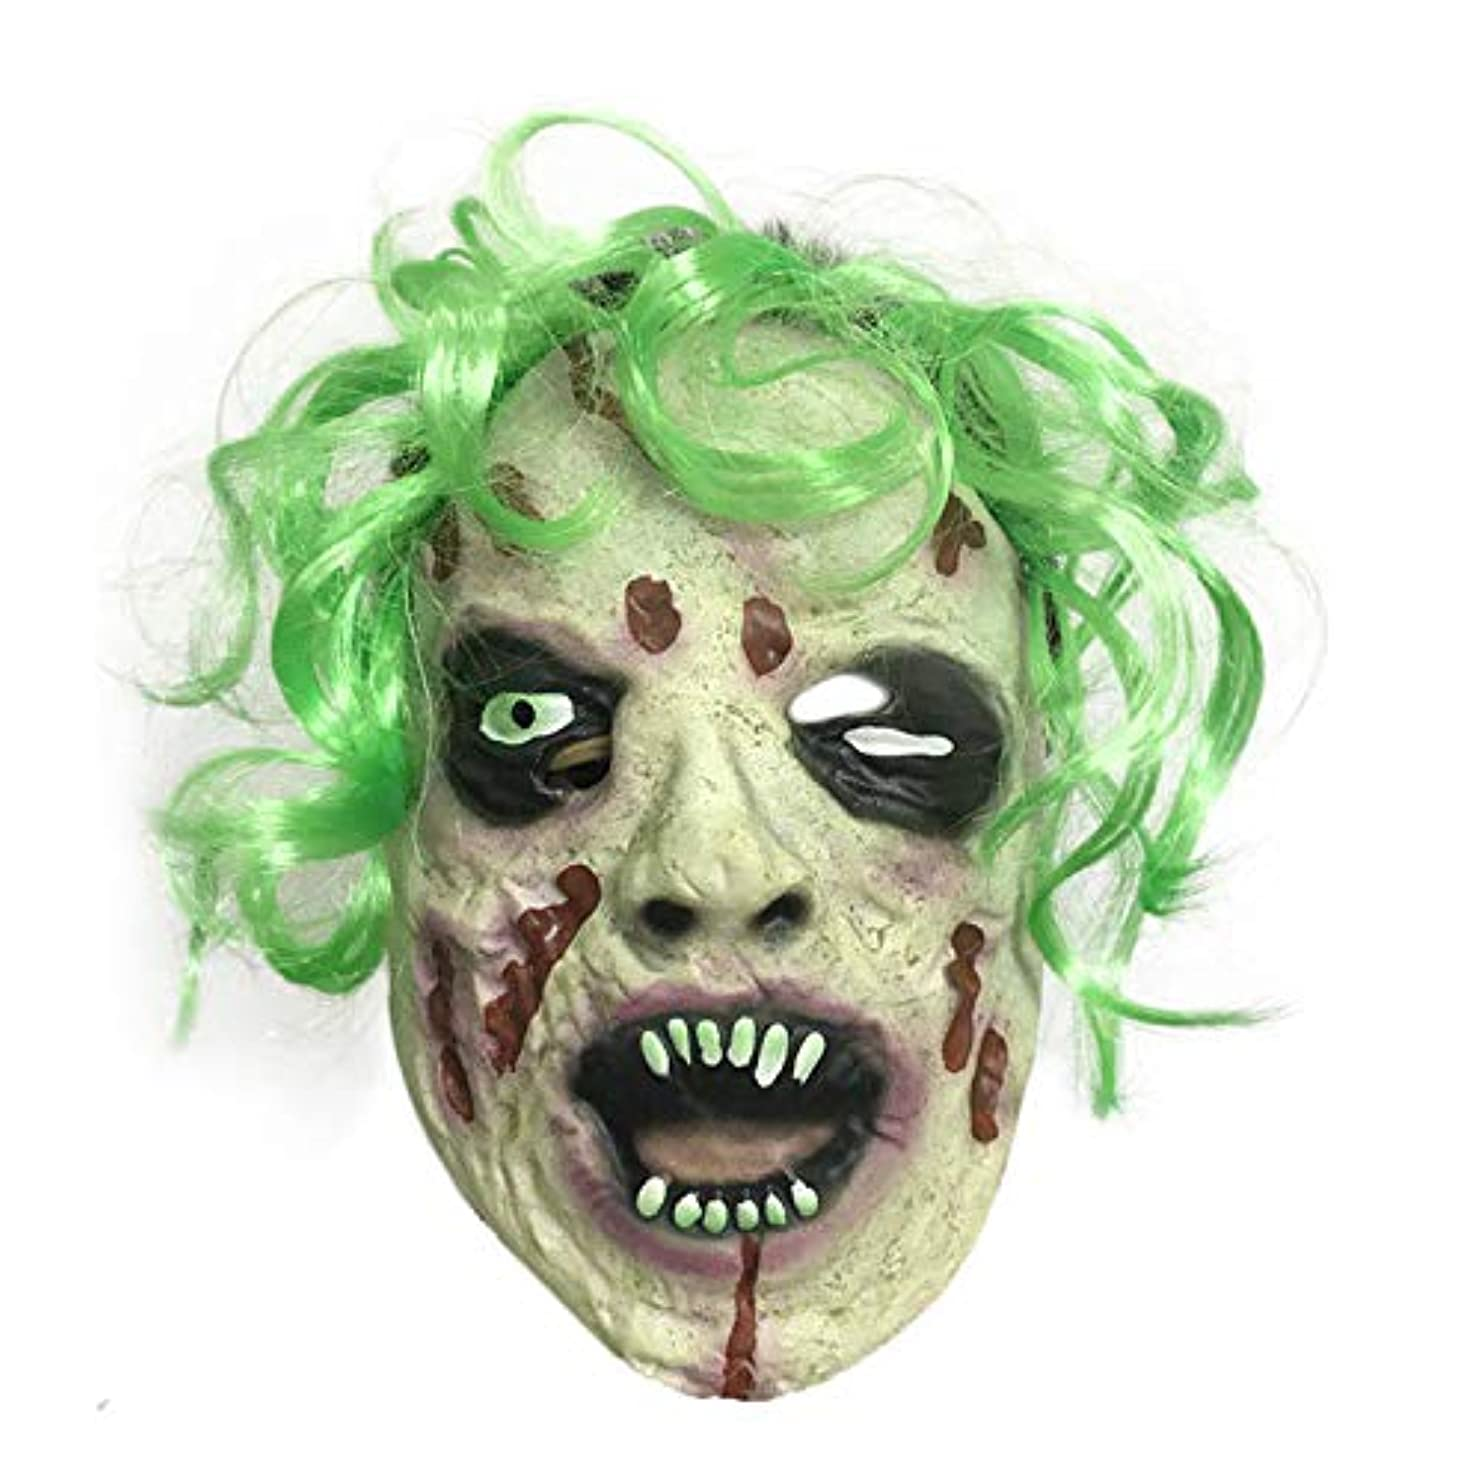 仲間、同僚したがって最愛のマスク、ゾンビマスク、偏心ダンスの衣装、緑の殺人事件でハロウィンホラー